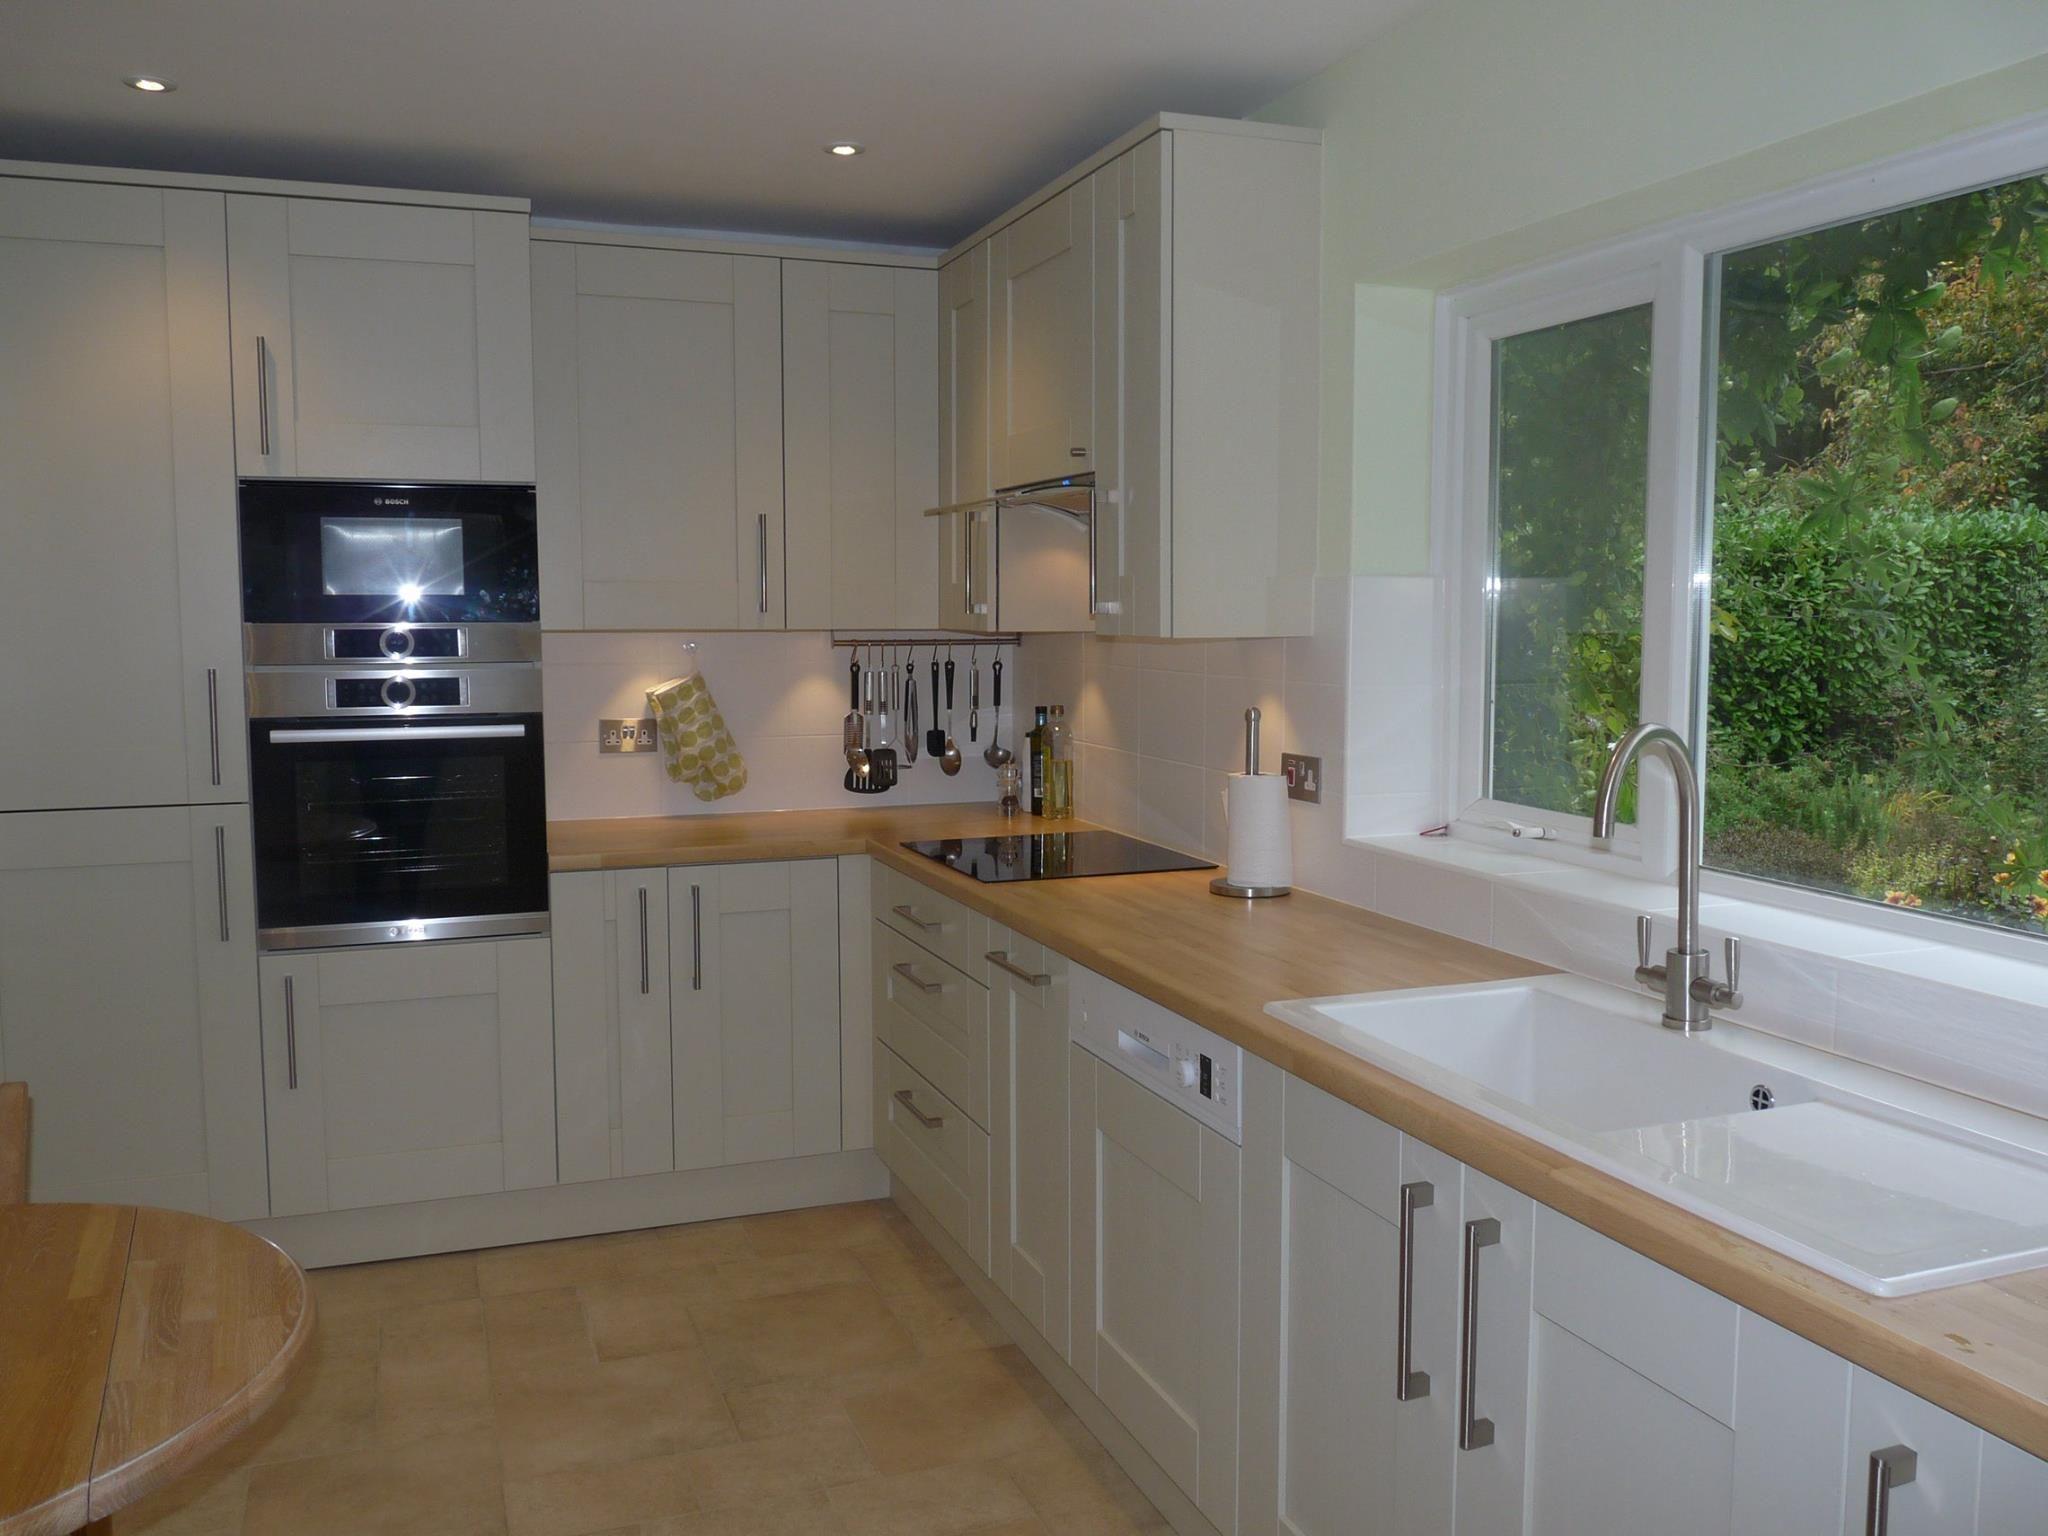 Küchen design pop jous kitchen gallery  küchen  pinterest  kitchen gallery and kitchens